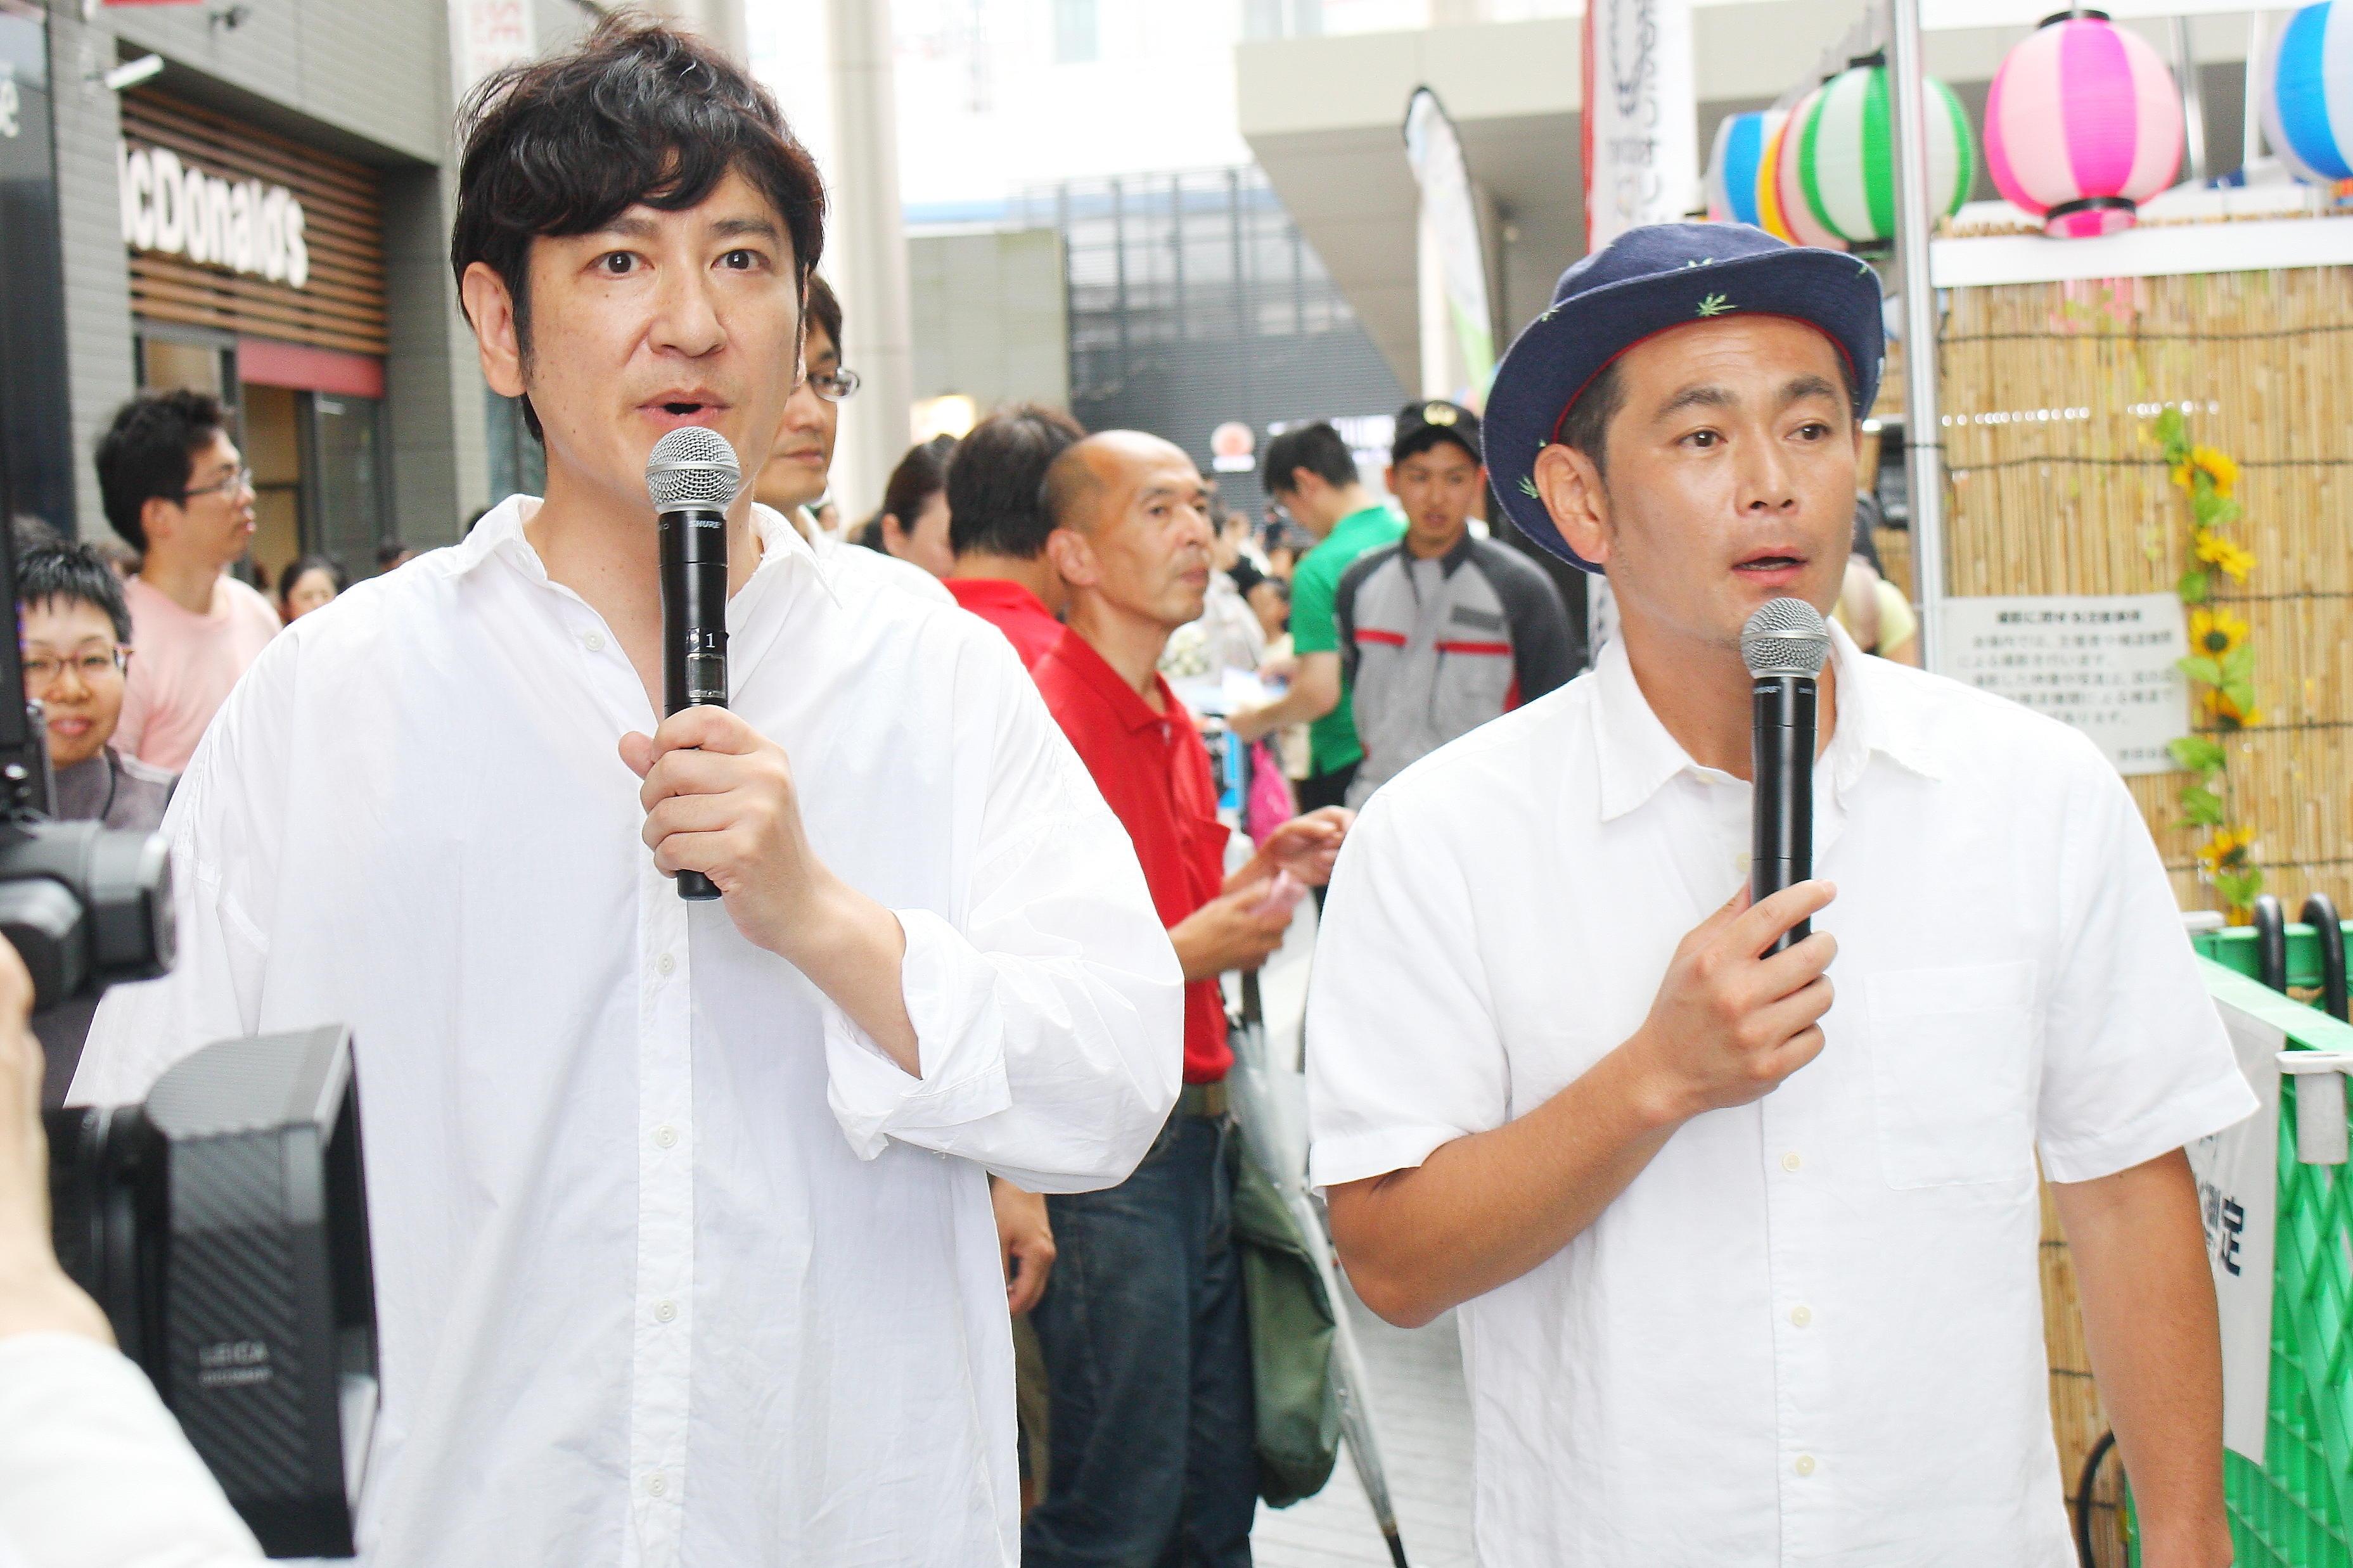 http://news.yoshimoto.co.jp/20180730143449-80a2e25cd1aa3ff58f743b7bd38bfb5edd9fed7a.jpg